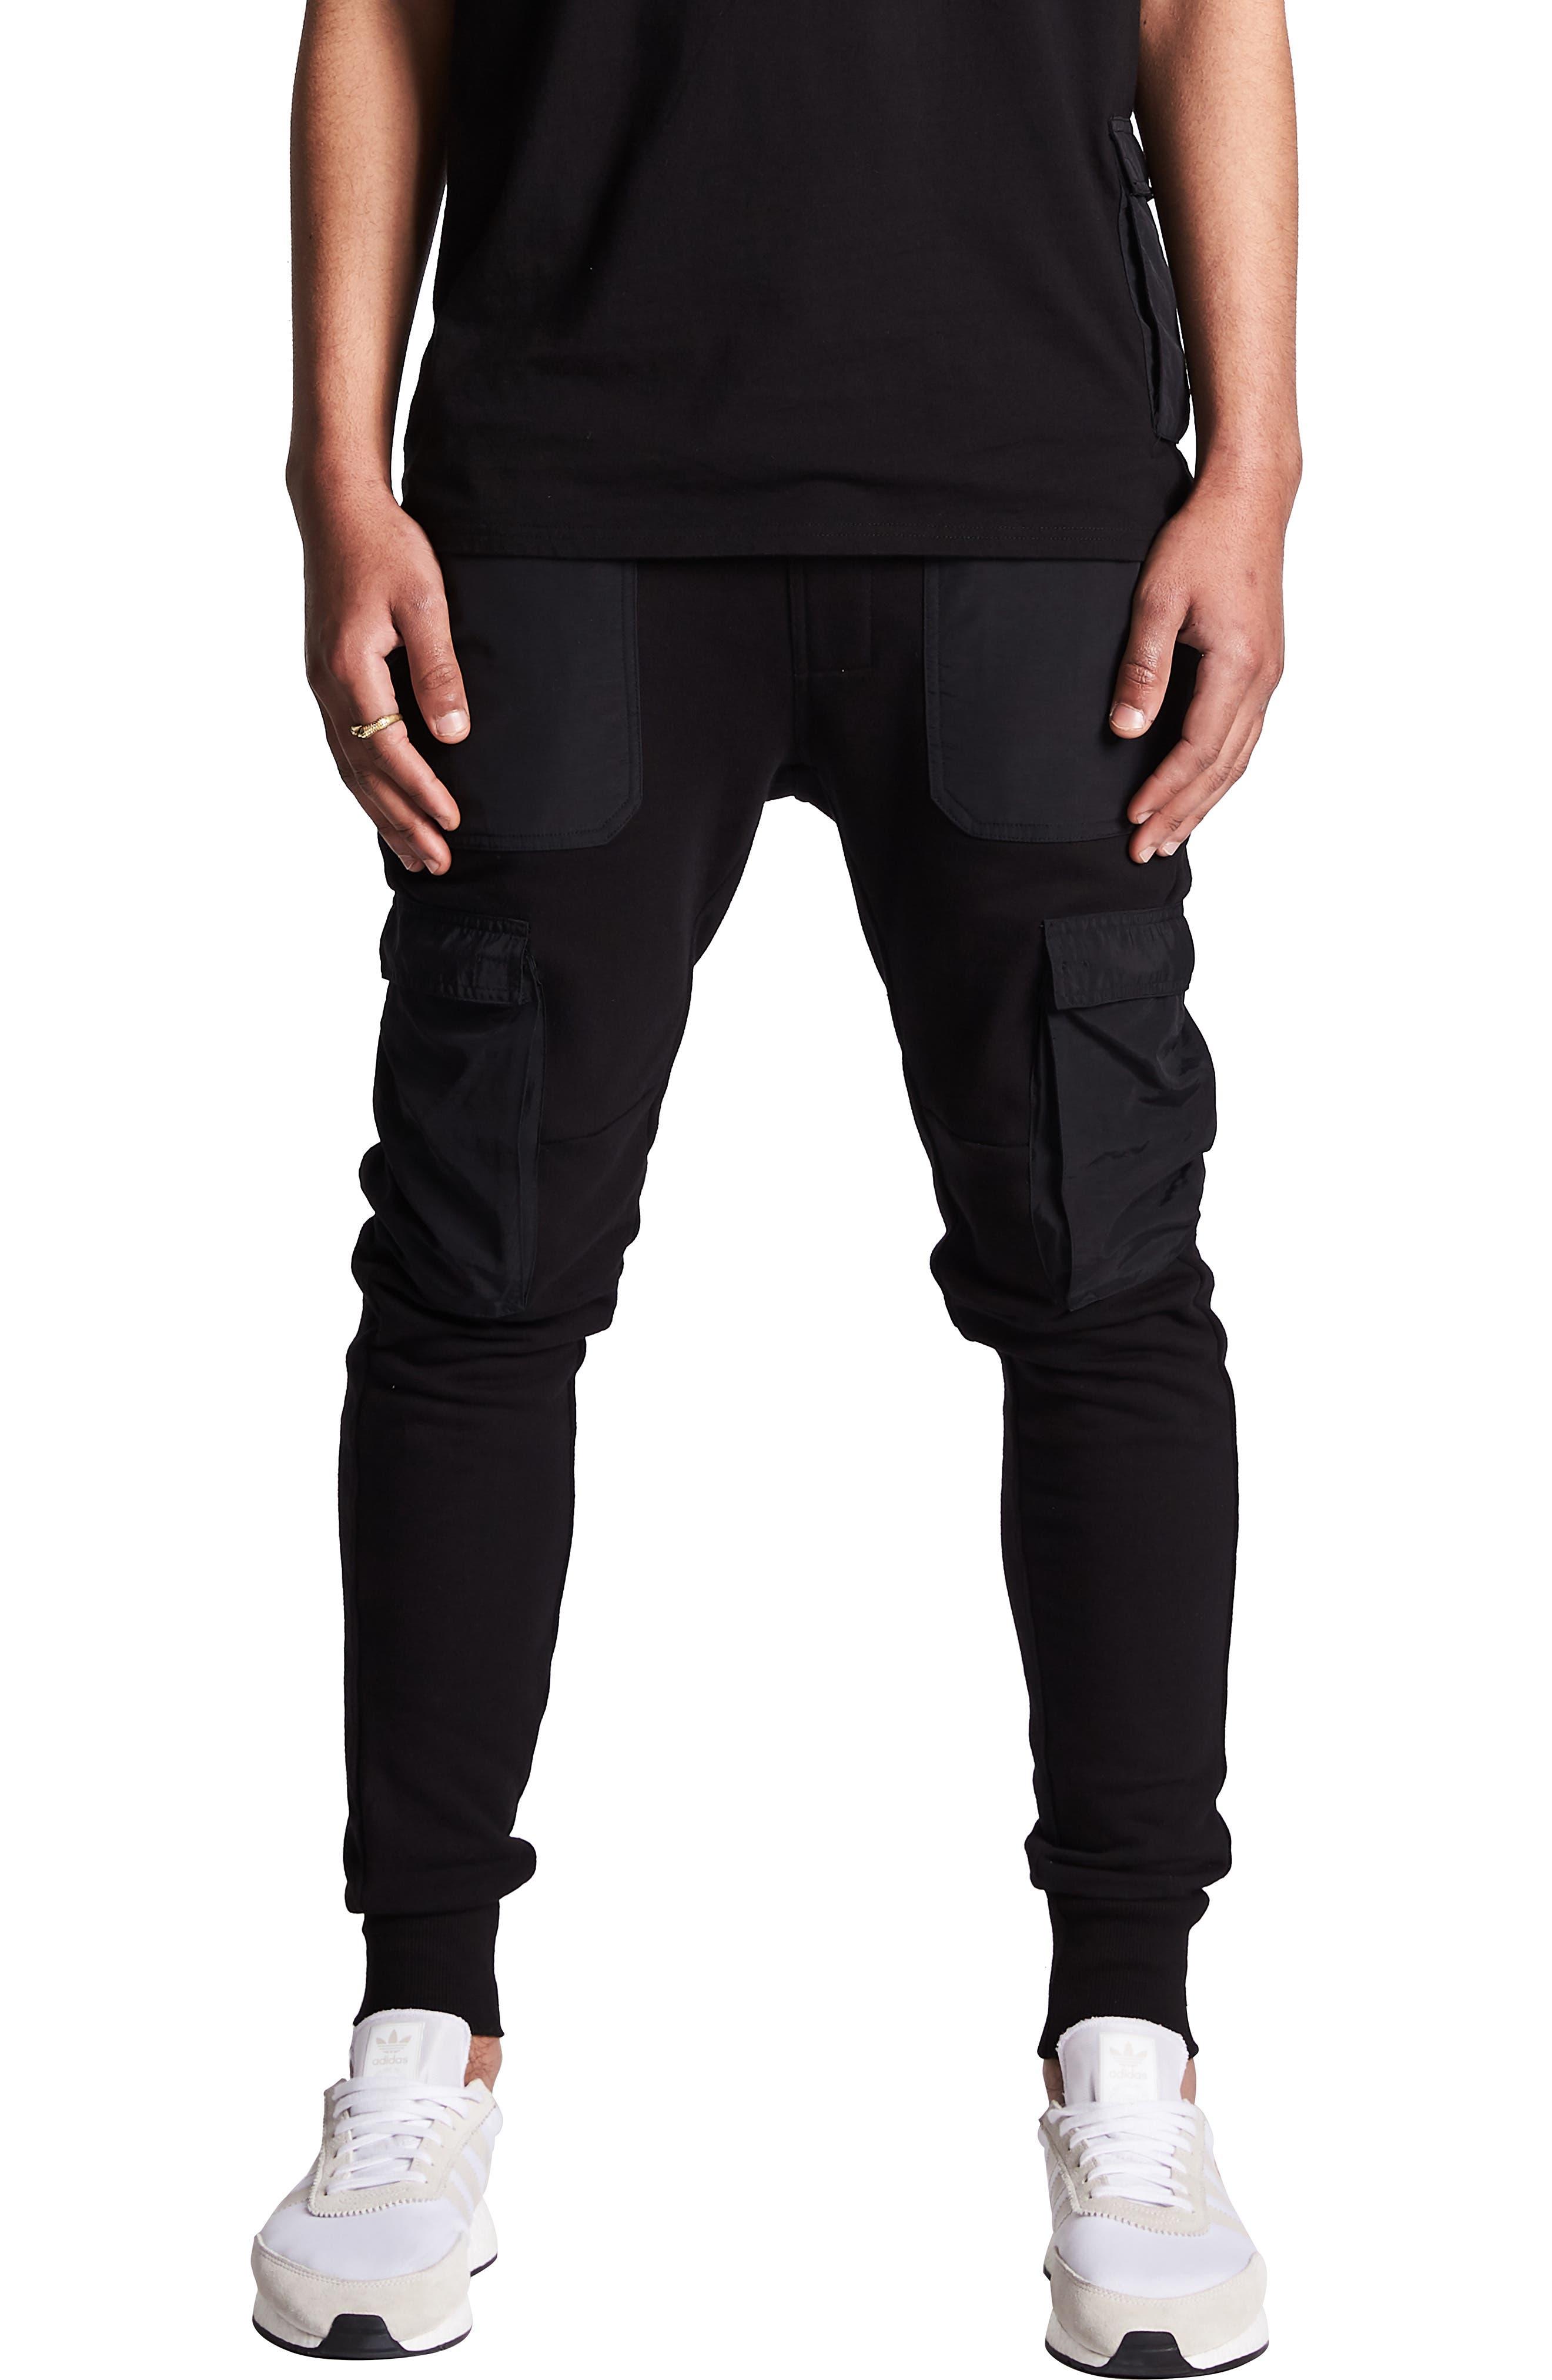 Nxp Selector Fleece Cargo Jogger Pants, Black